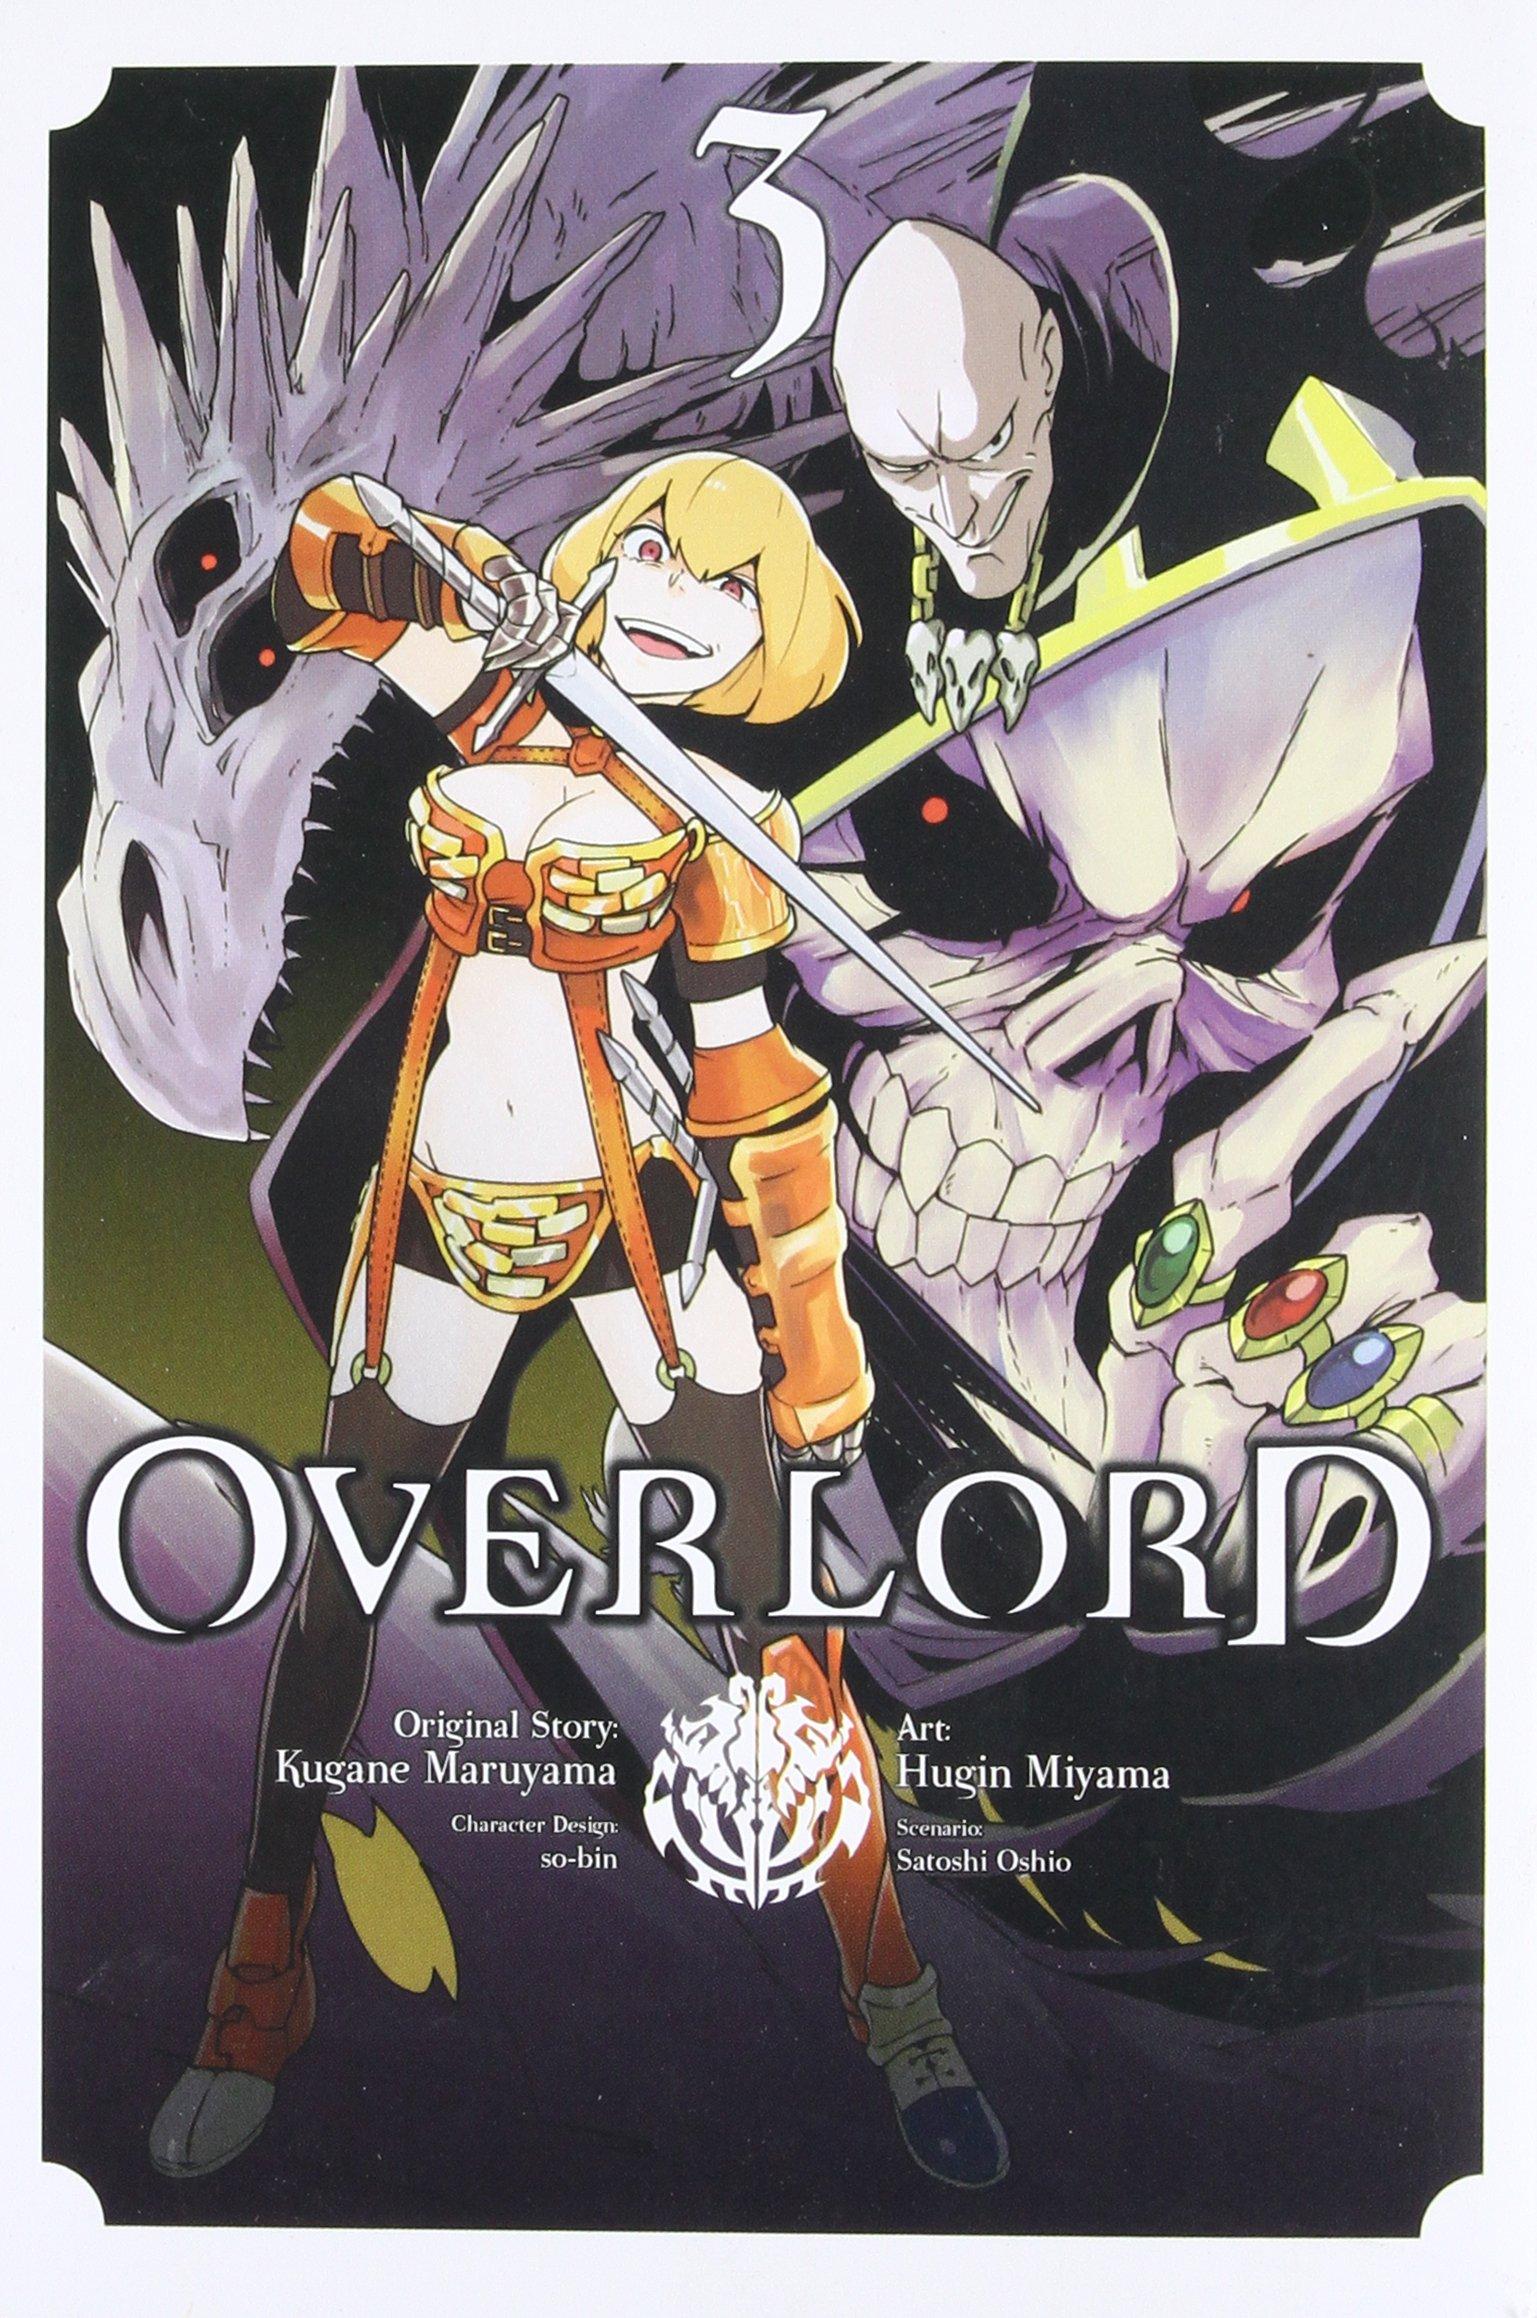 Overlord, Vol. 3 (manga) (Overlord Manga, Band 3)